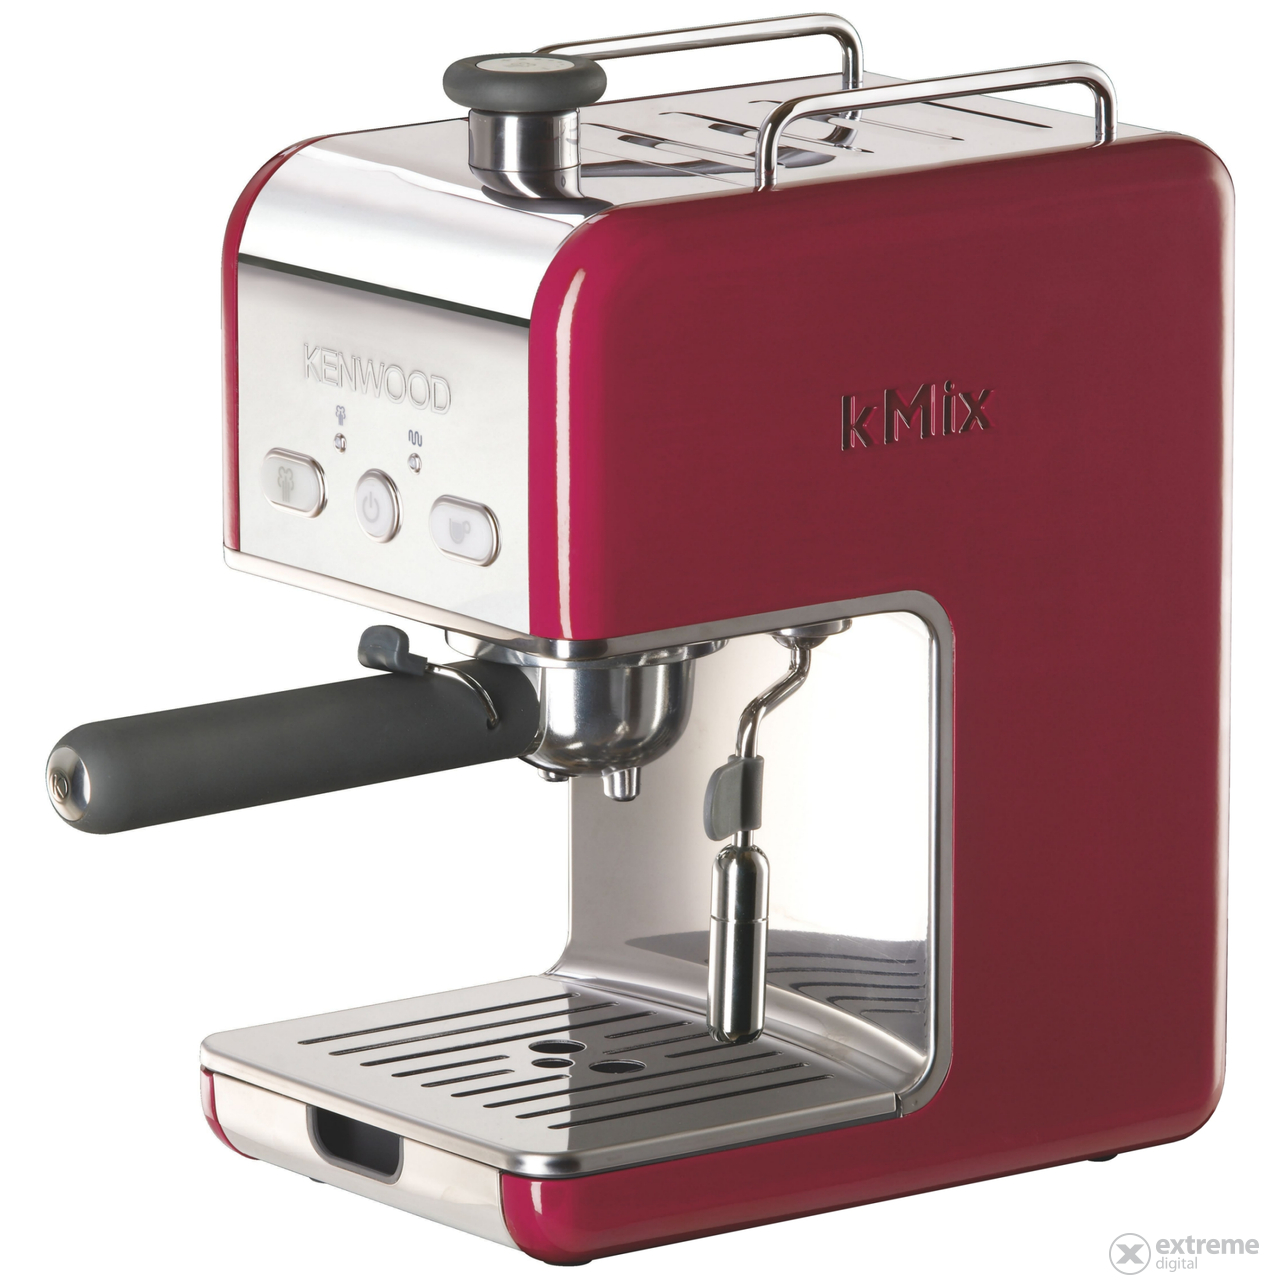 Kenwood ES021 presszó kávéfőző   Extreme Digital